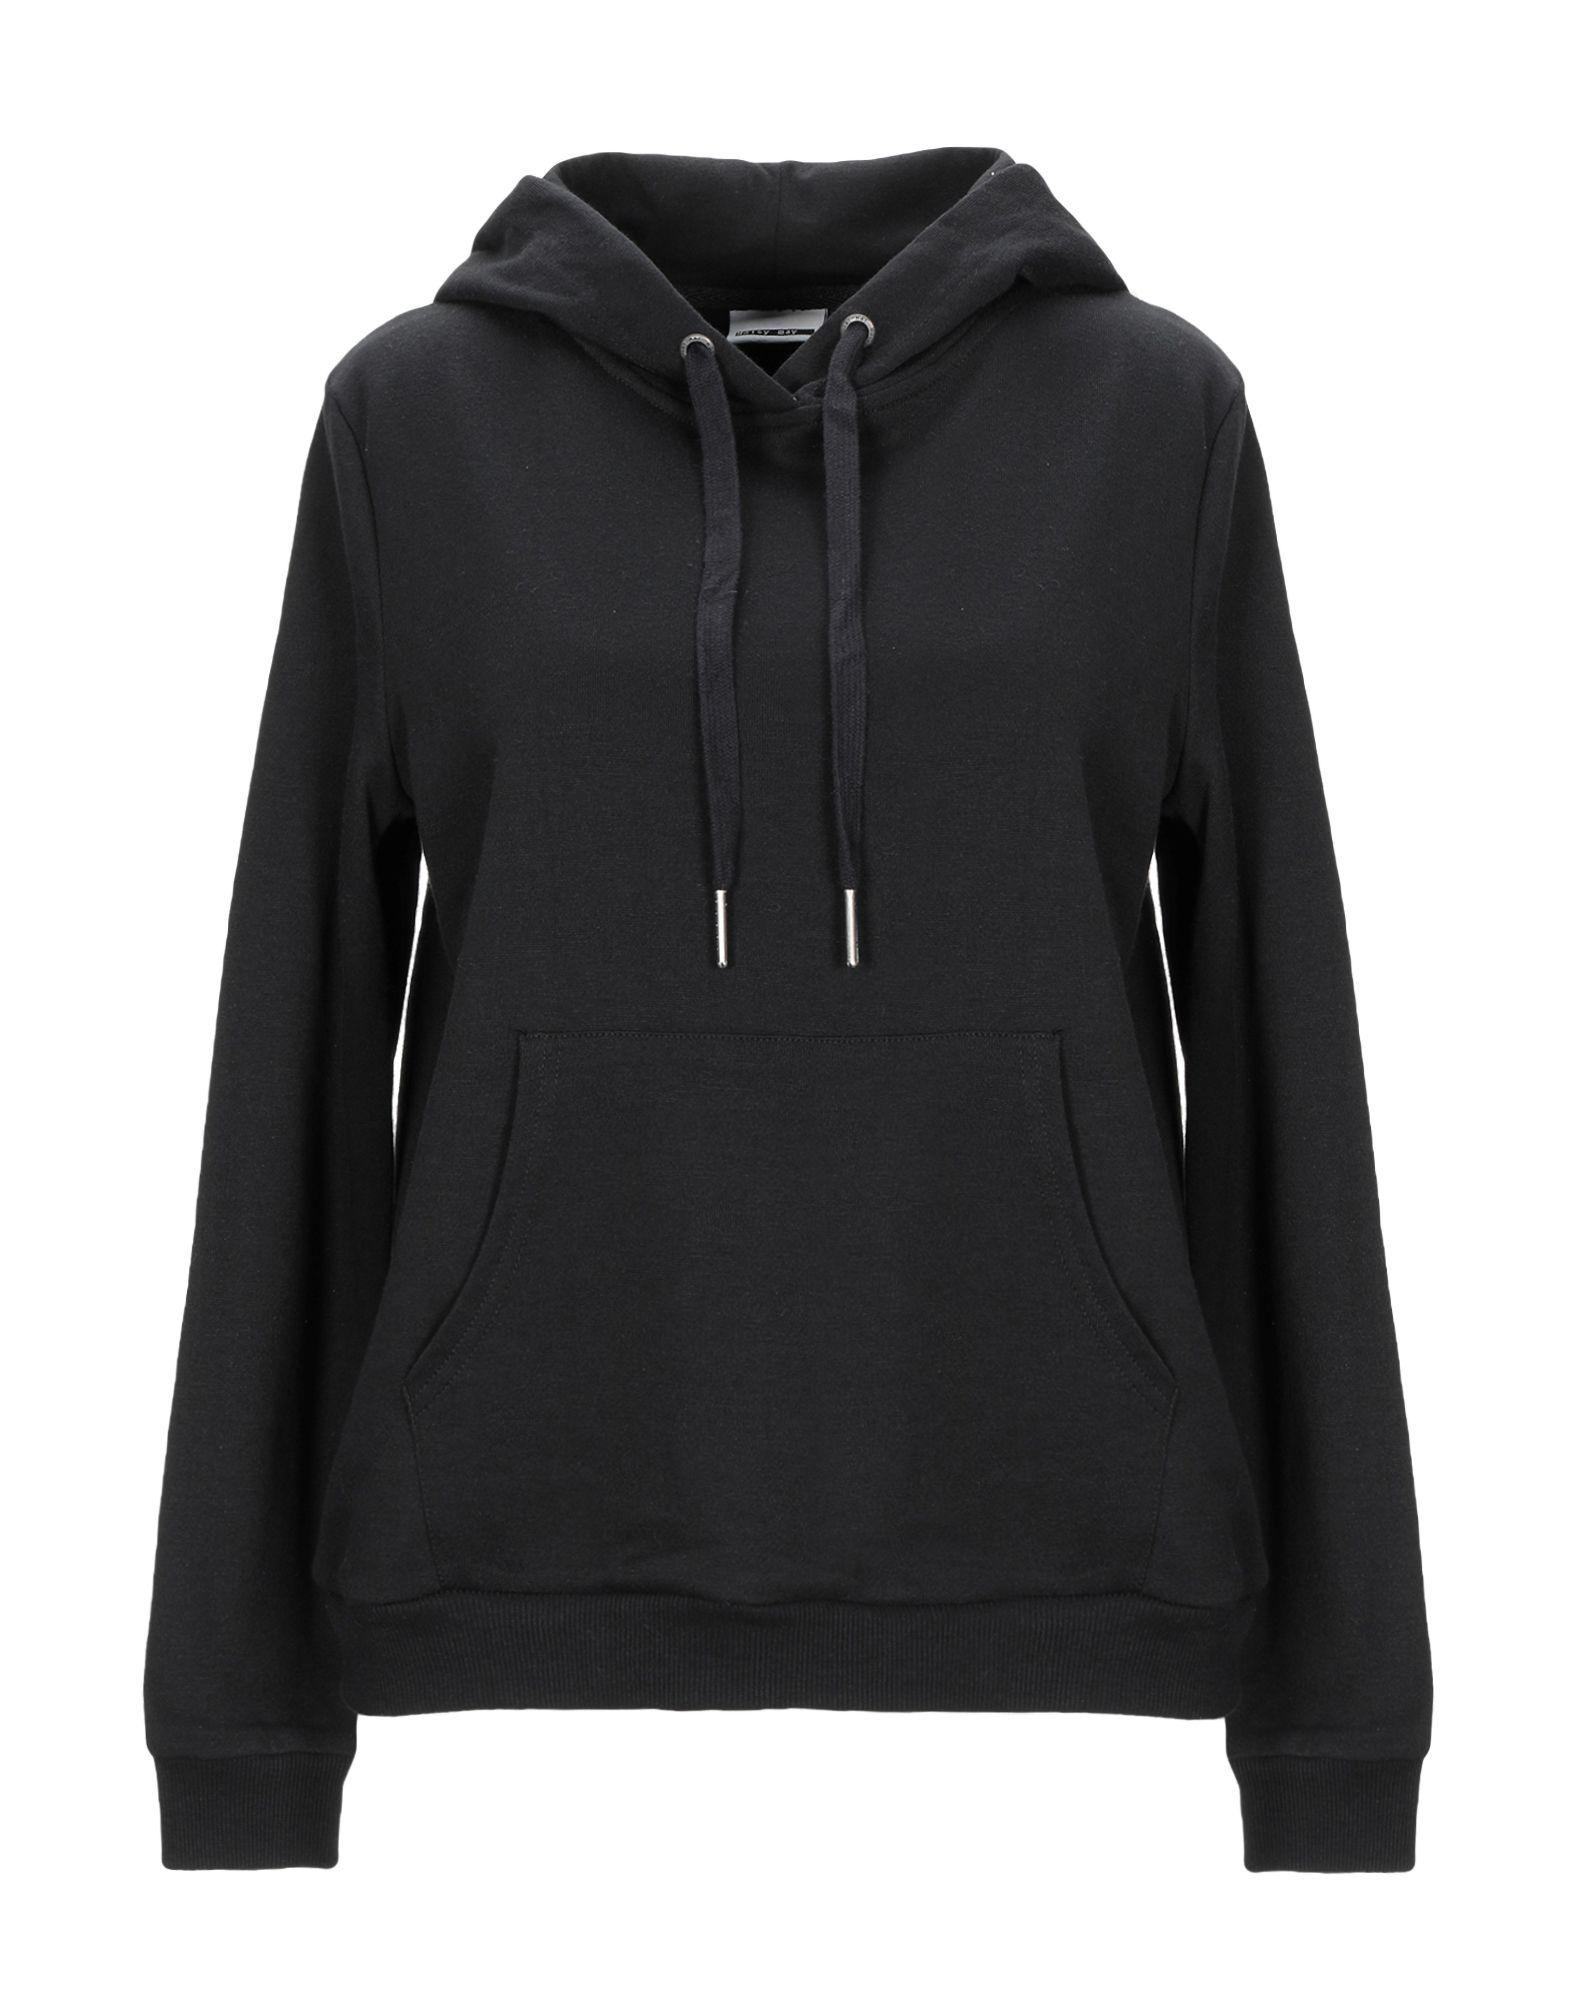 《期間限定セール中》NOISY MAY レディース スウェットシャツ ブラック XS ポリエステル 65% / コットン 35%